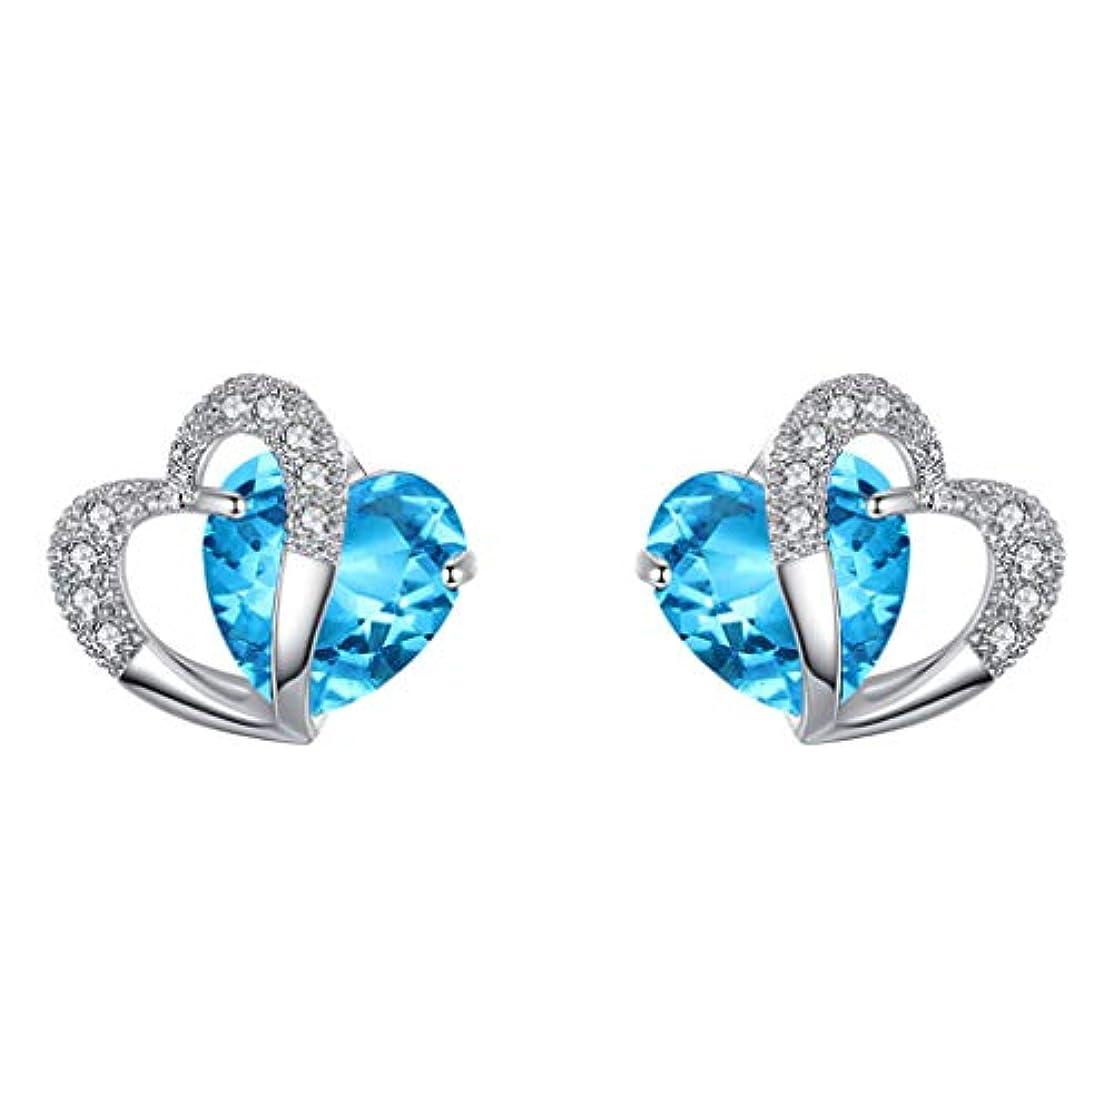 クリエイティブ石タクシーNicircle ブルーハートスタッドピアスホワイトゴールドハートスタッドピアスジュエリー ブルー Women Blue Heart Stud Earrings White Gold Heart Stud Earrings...